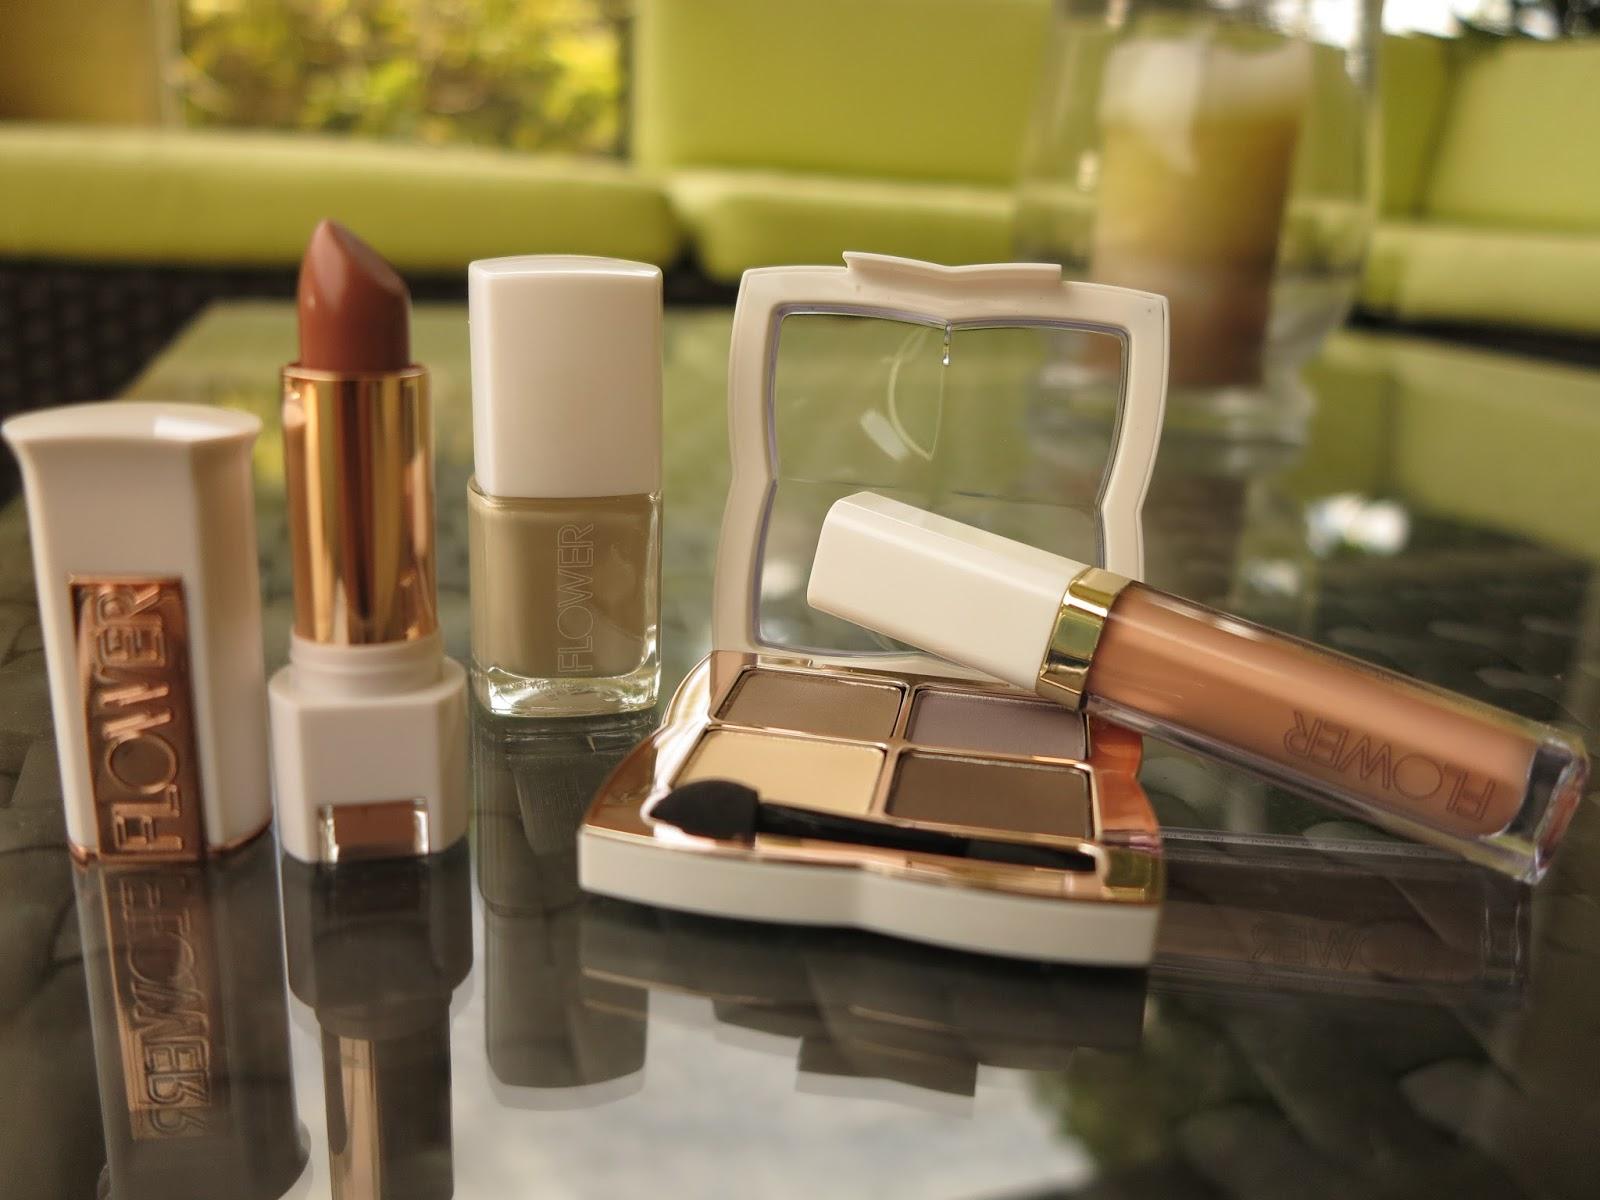 Flower beauty makeup review izmirmasajfo